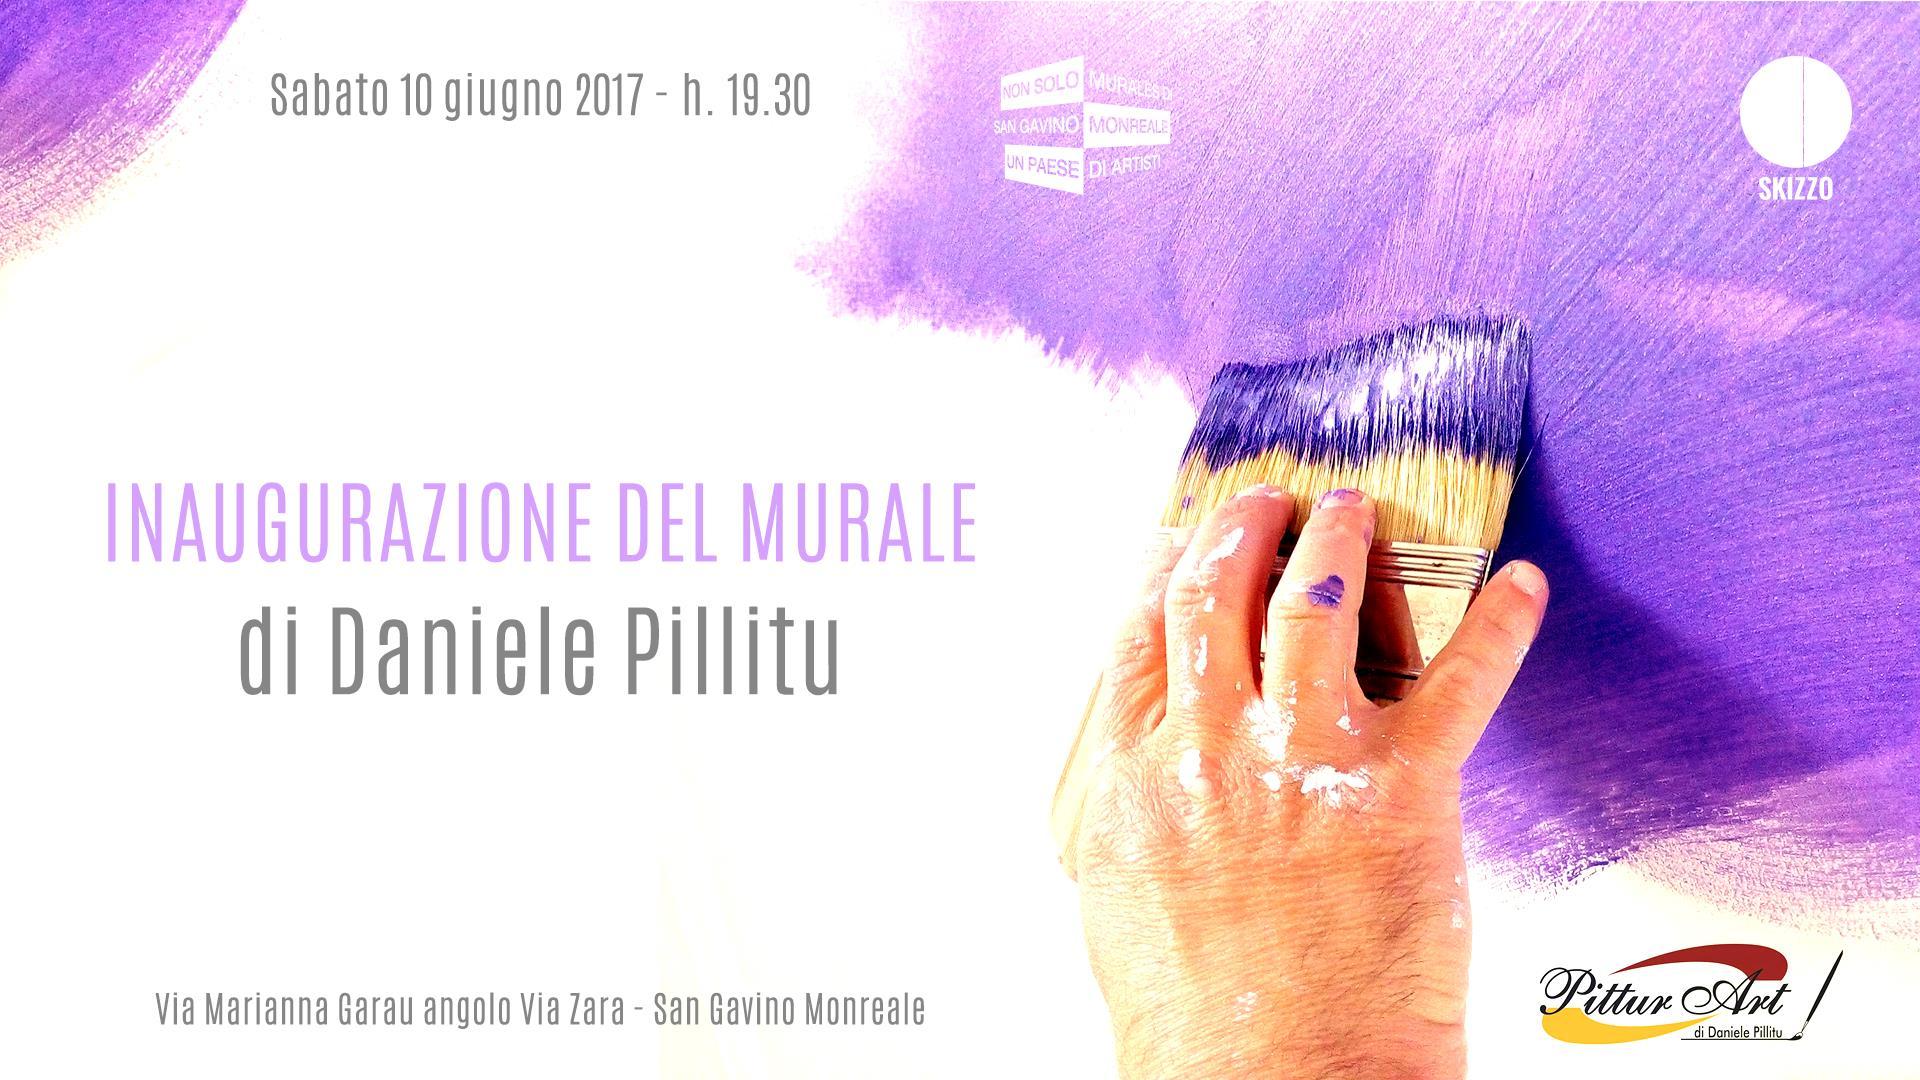 Inaugurazione del Murale di Daniele Pillitu